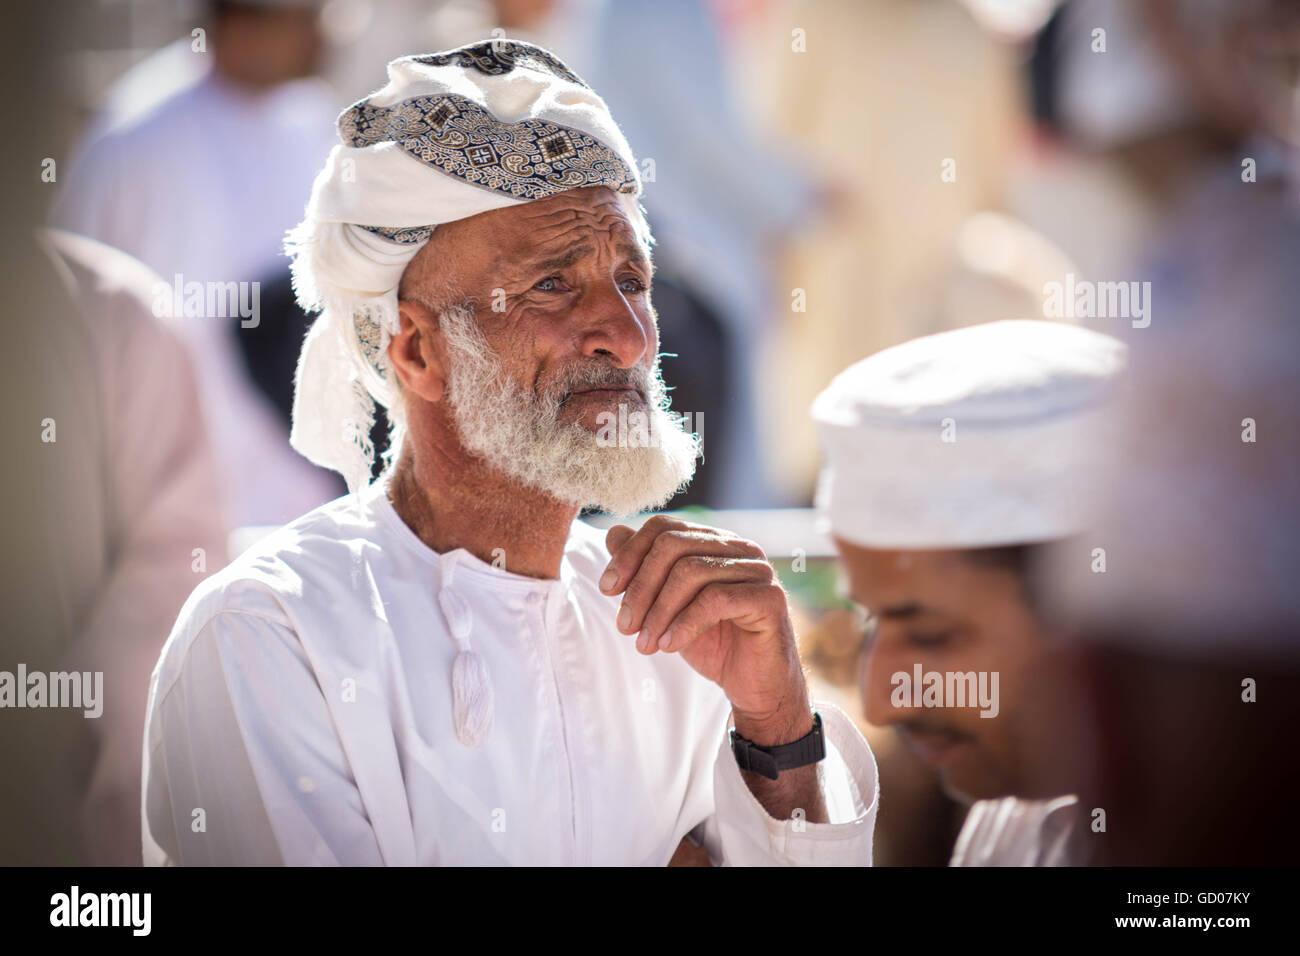 Omán Nizwa, - el 24 de abril de 2015:omaní viejo en el mercado tradicional o Zoco en Nizwa, Omán. Imagen De Stock